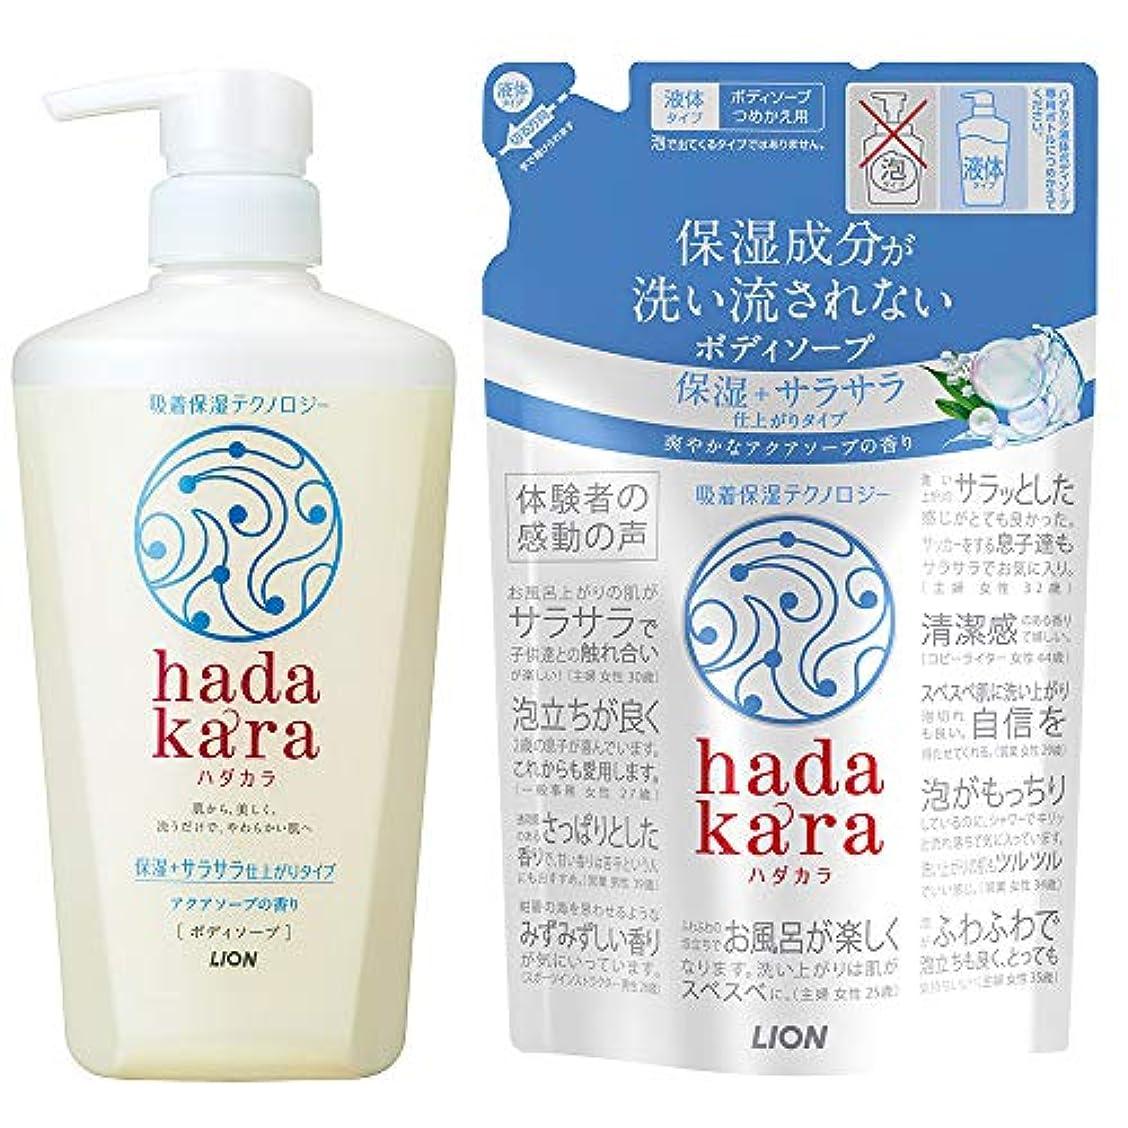 感謝しているウェブ極小【Amazon.co.jp 限定】hadakara(ハダカラ)ボディソープ 本体 + つめかえアクアソープの香り(本体 480ml + つめかえ 340ml)